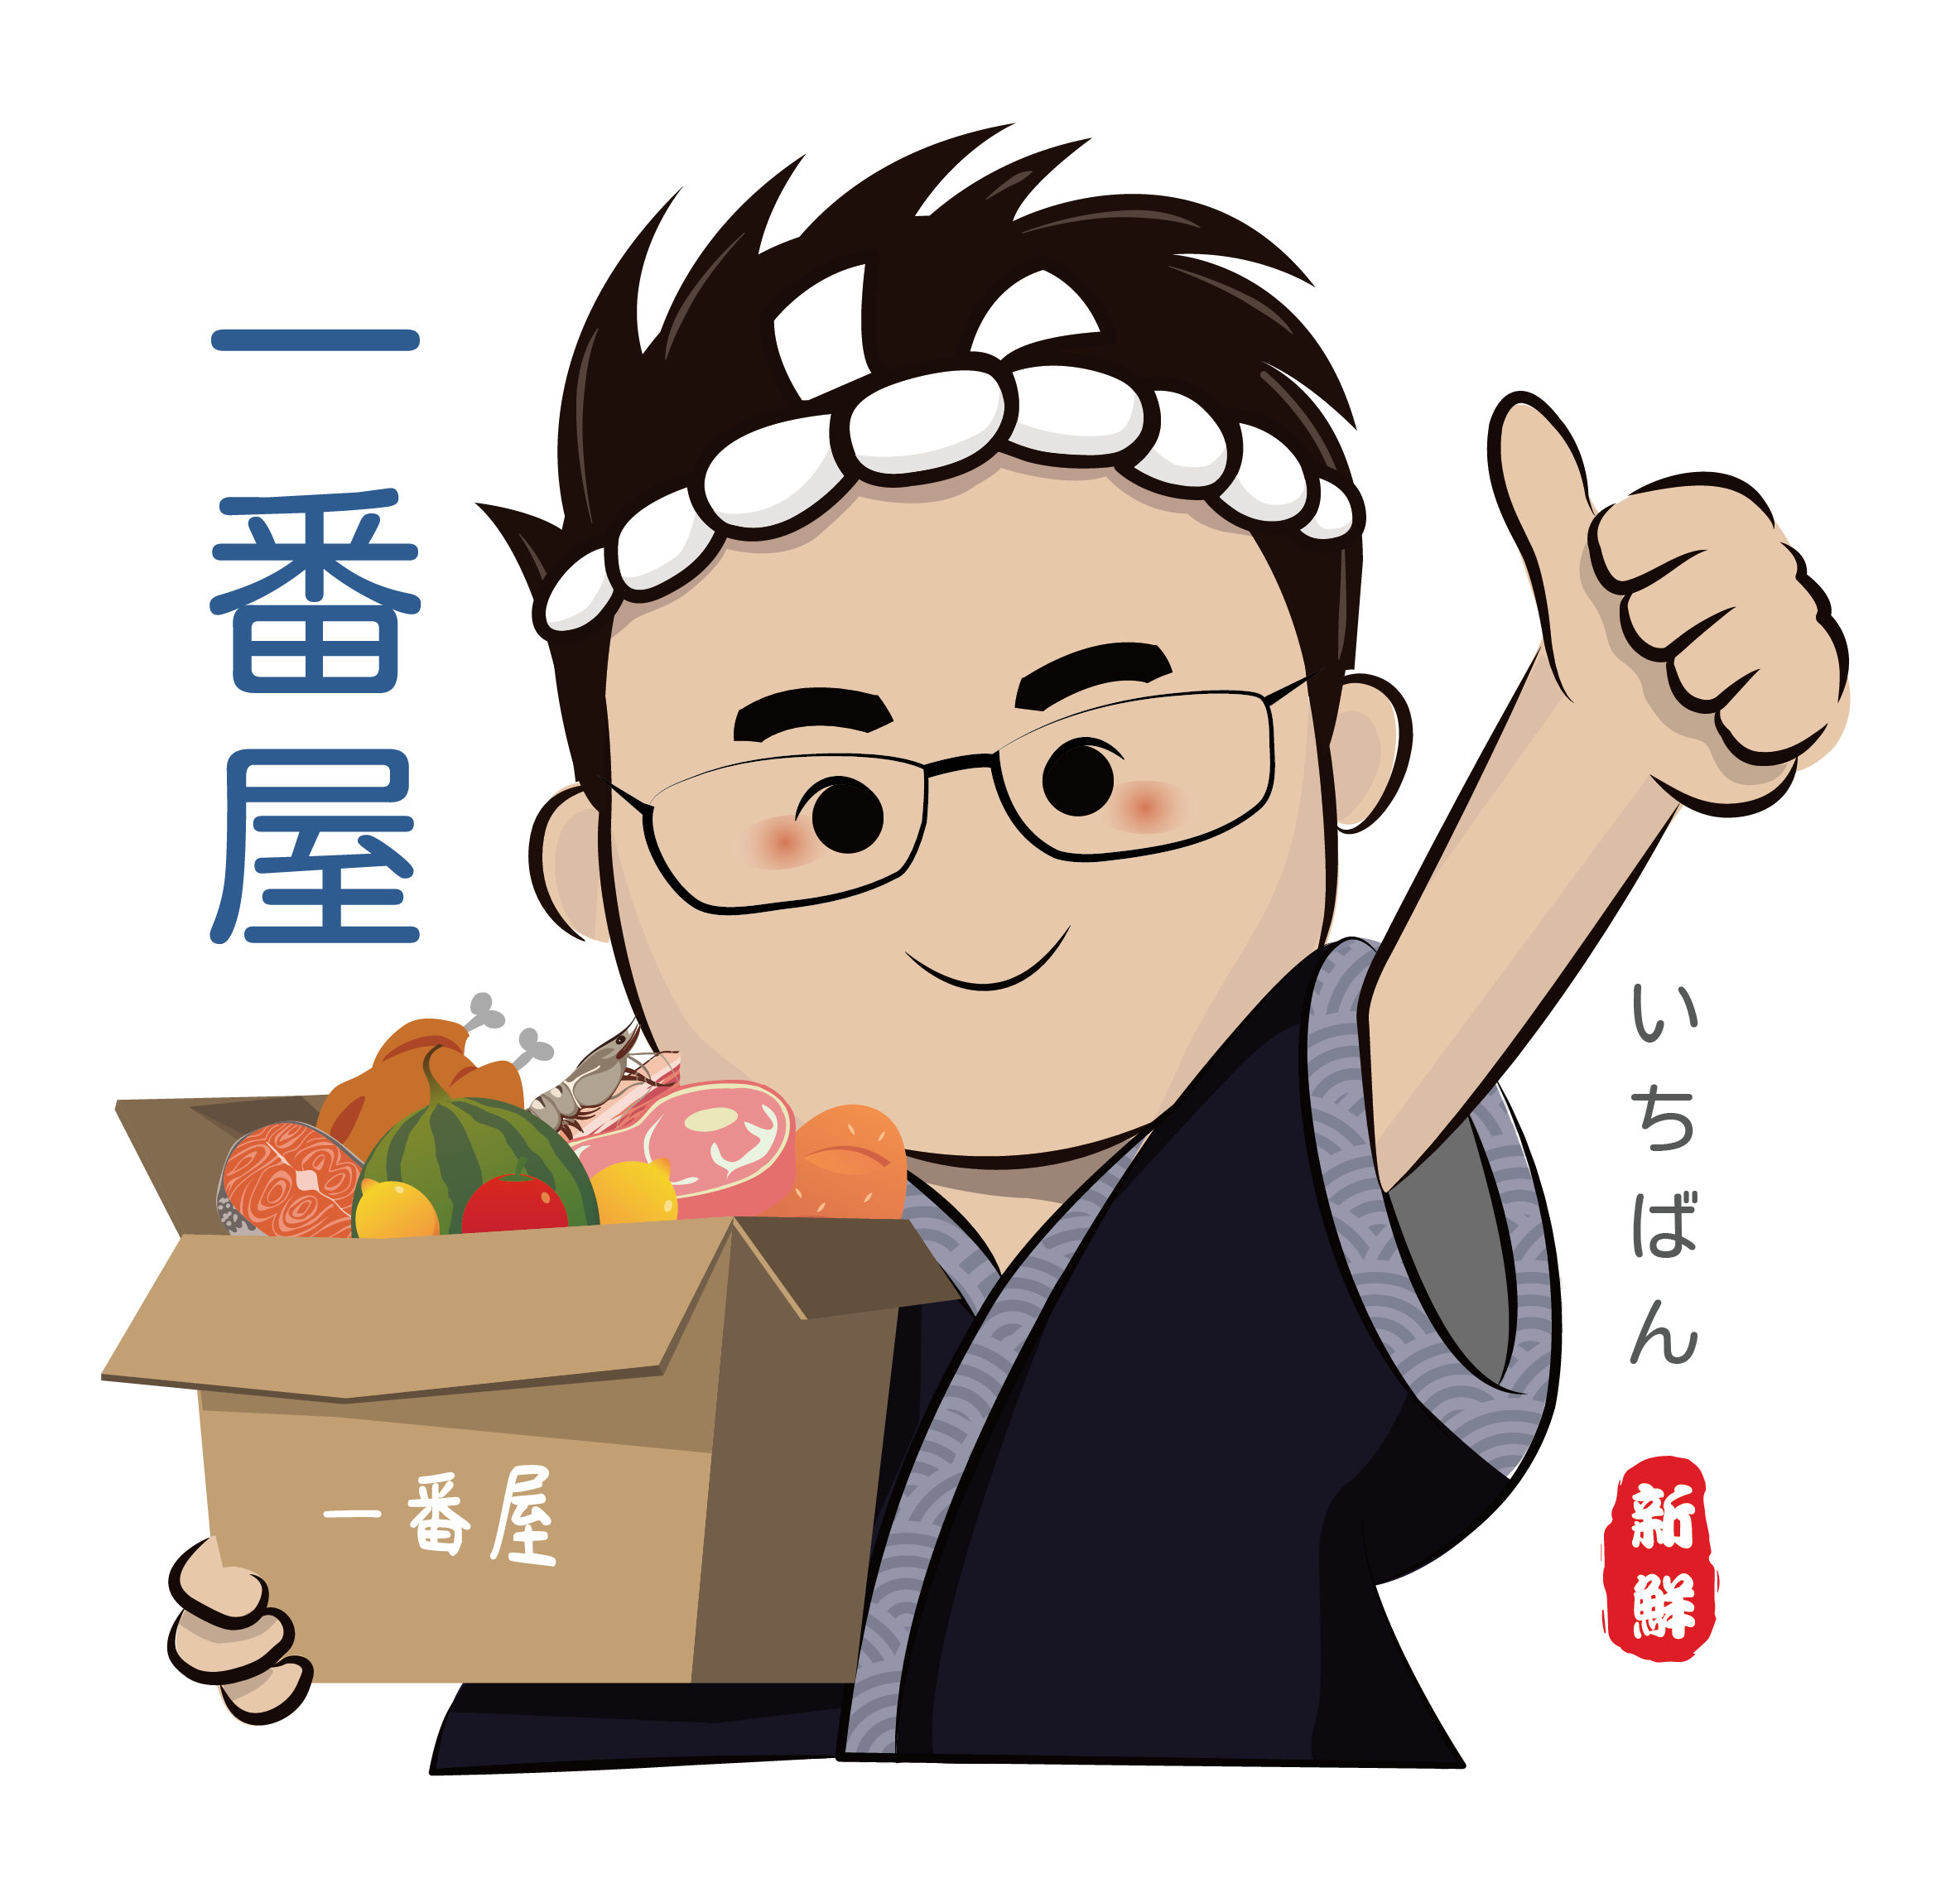 一番屋商鋪-買菜網,蔬果宅配,蔬果外送網